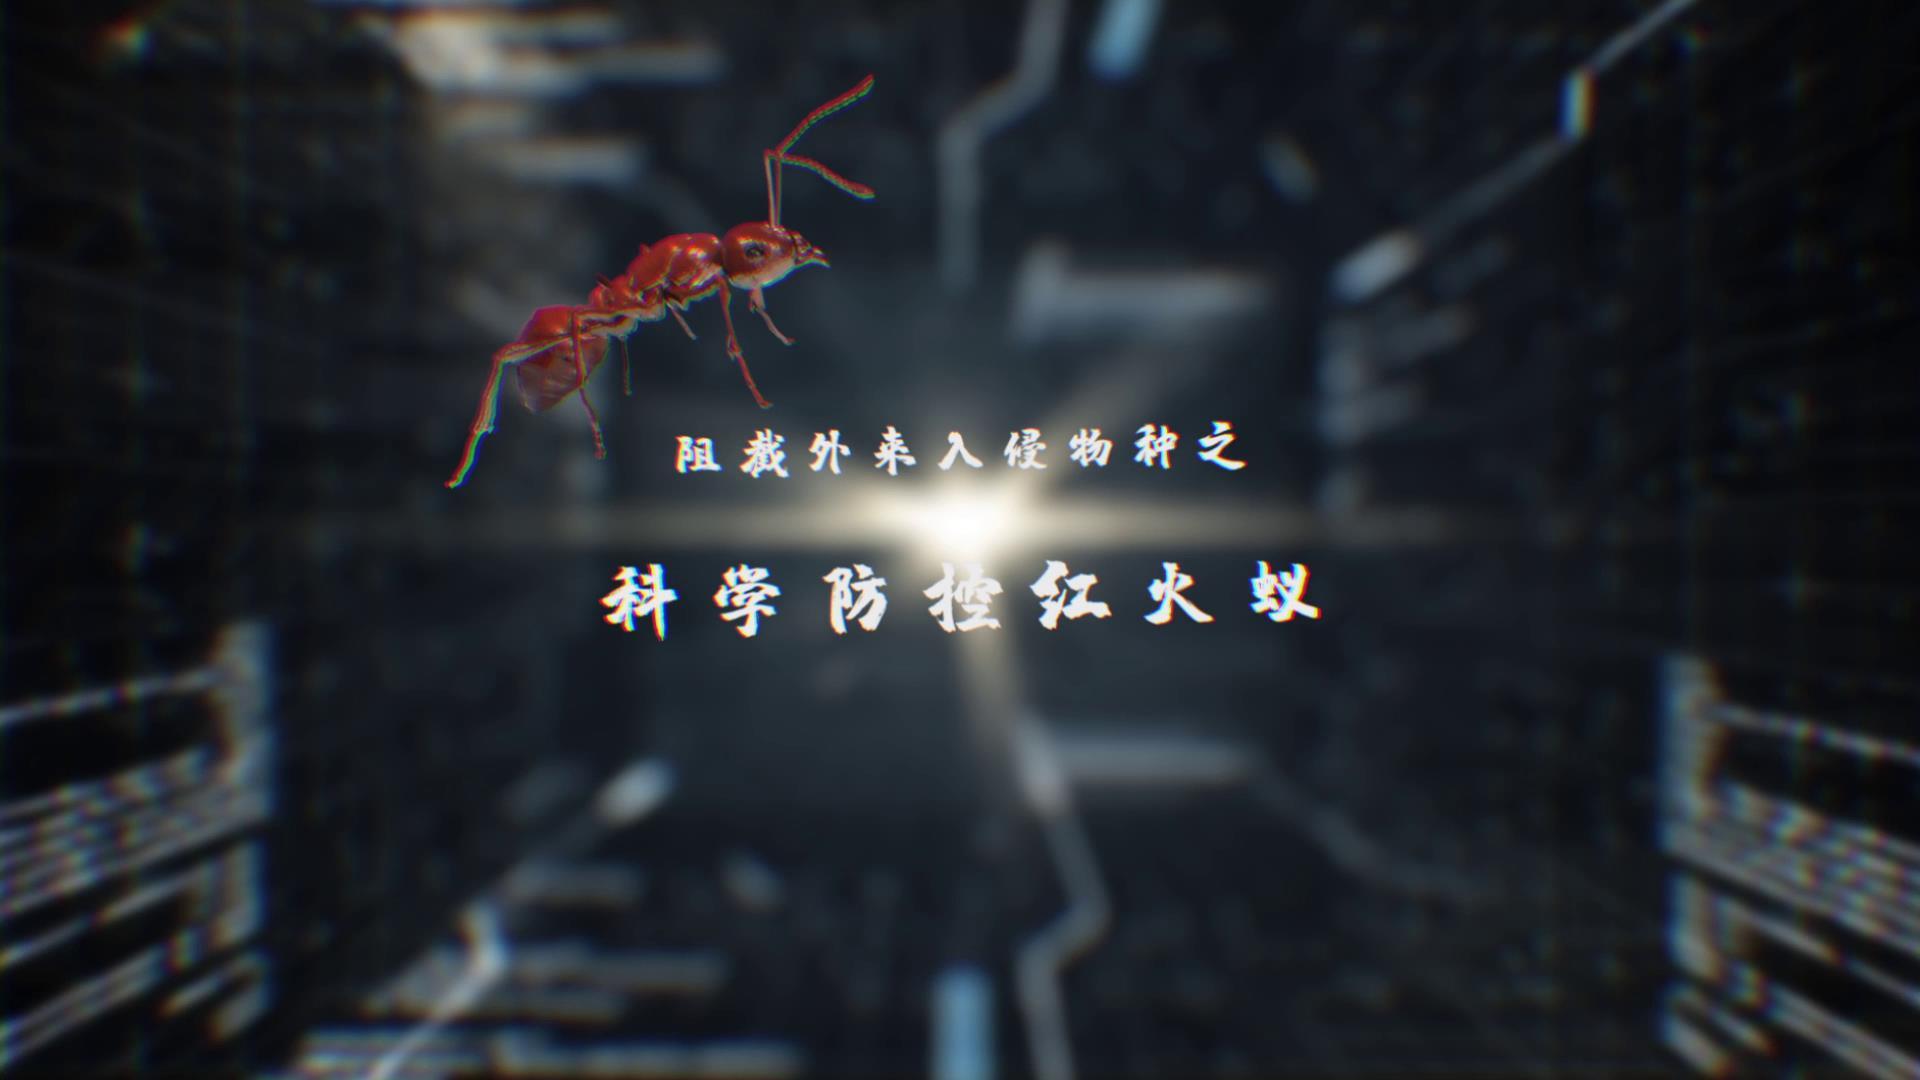 阻截外来入侵物种之科学防控红火蚁